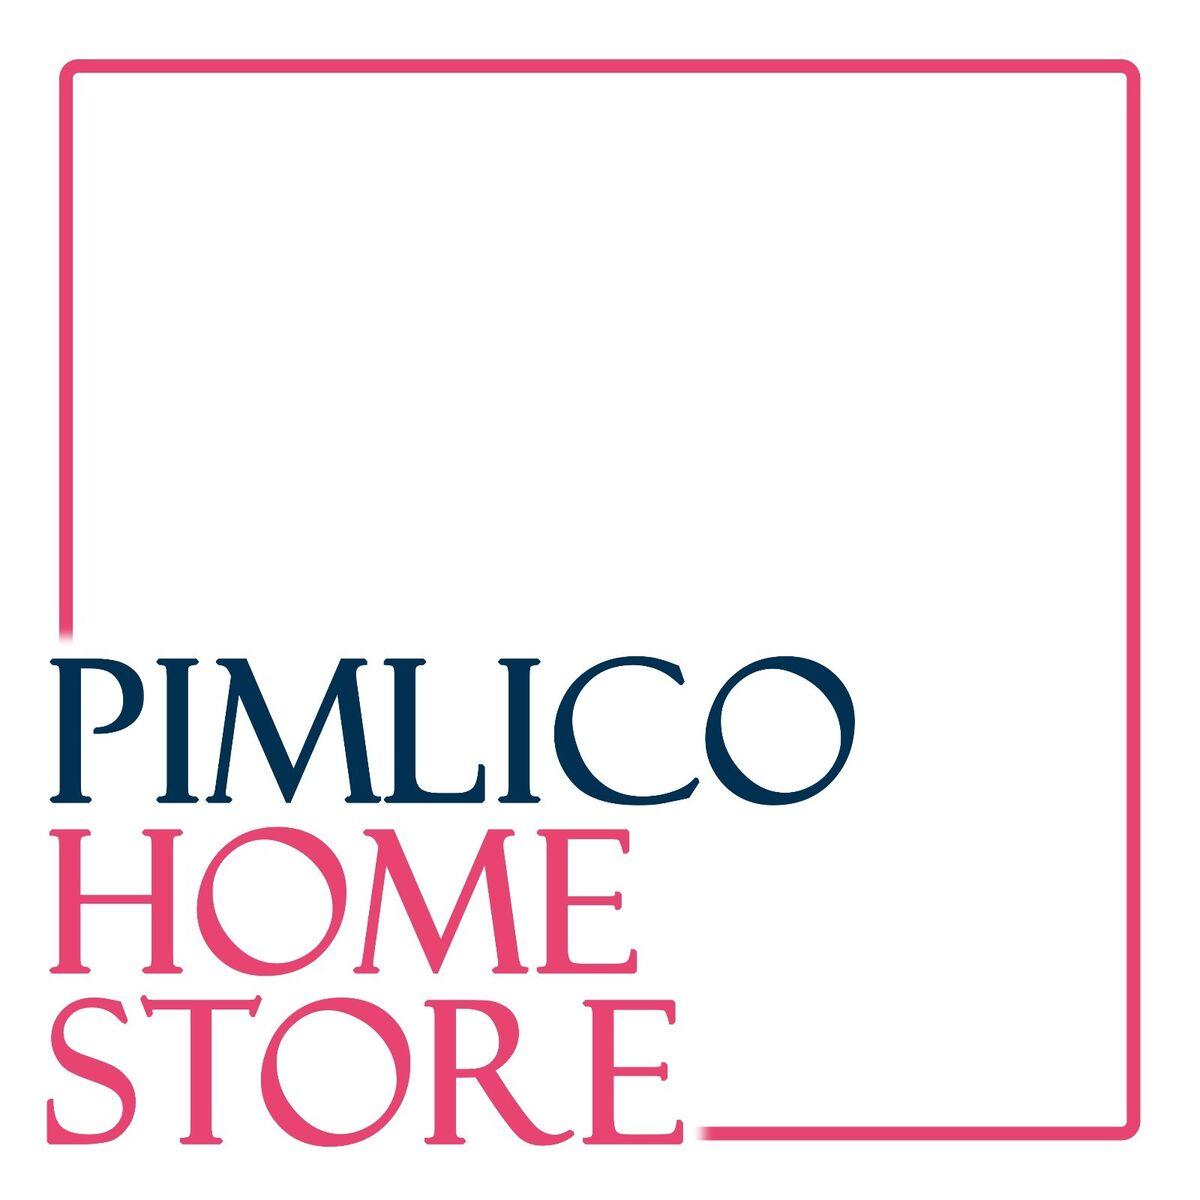 Pimlico Home Store